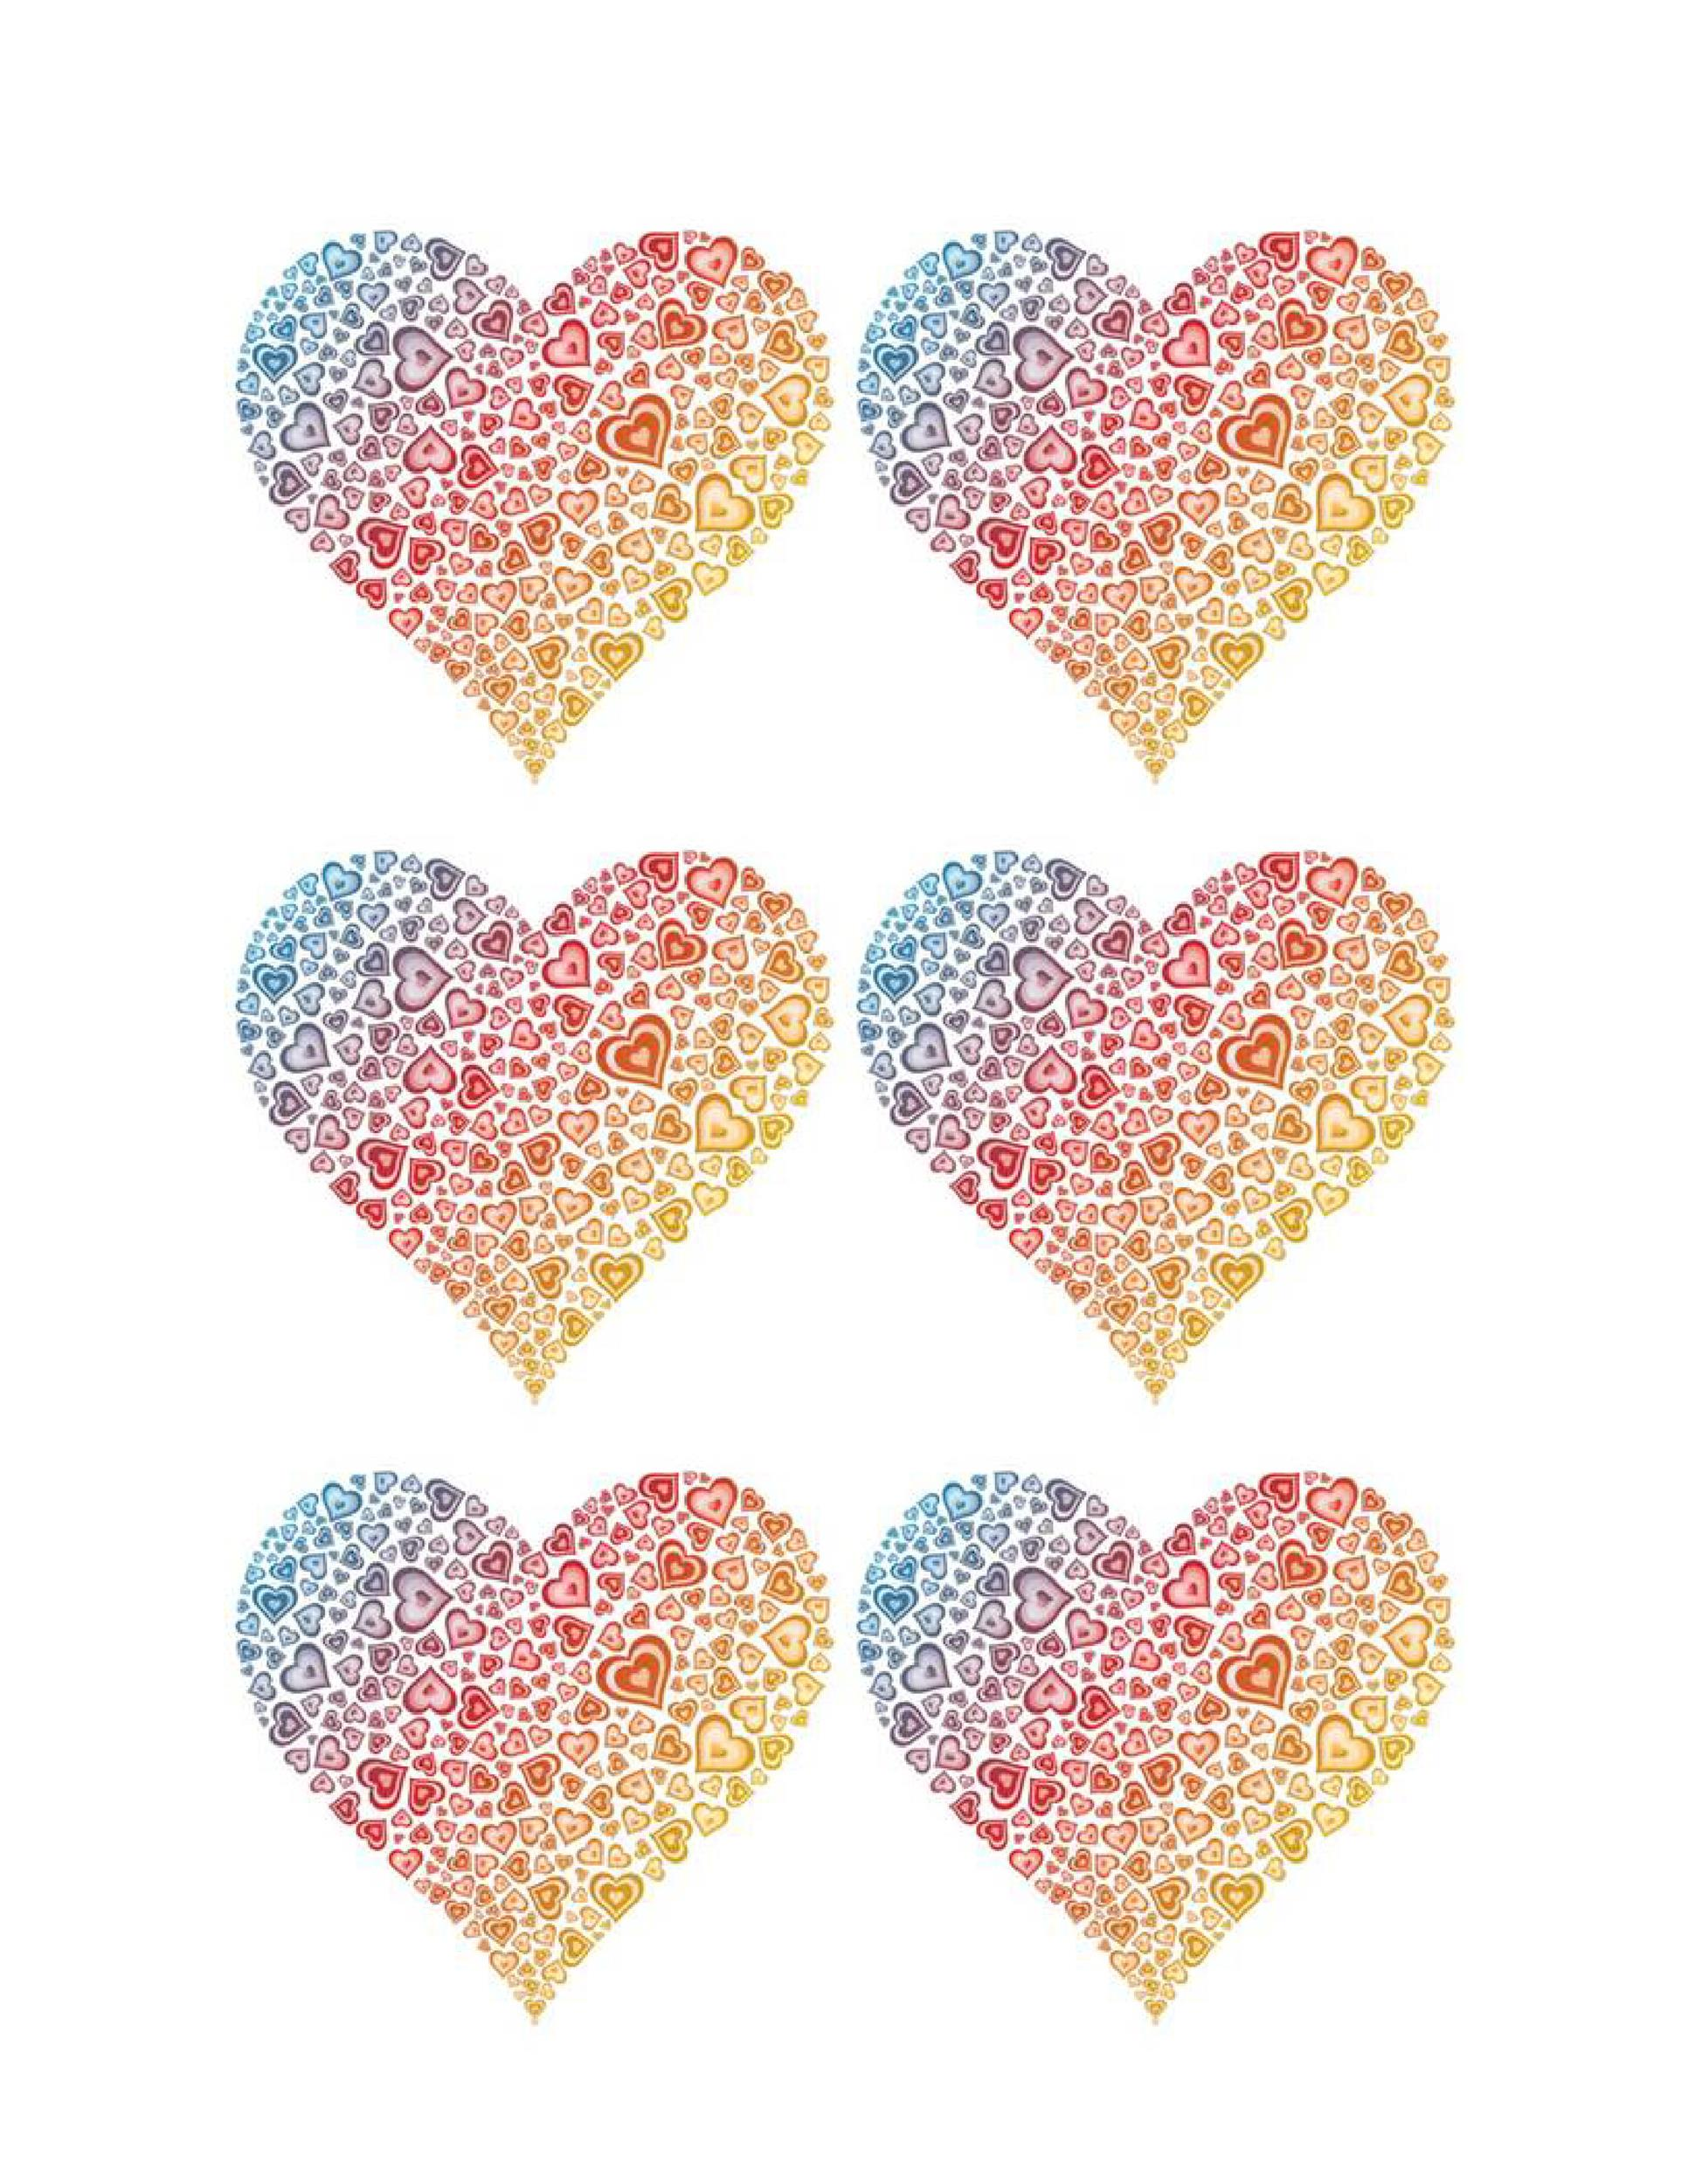 Free Heart Shape Template 09